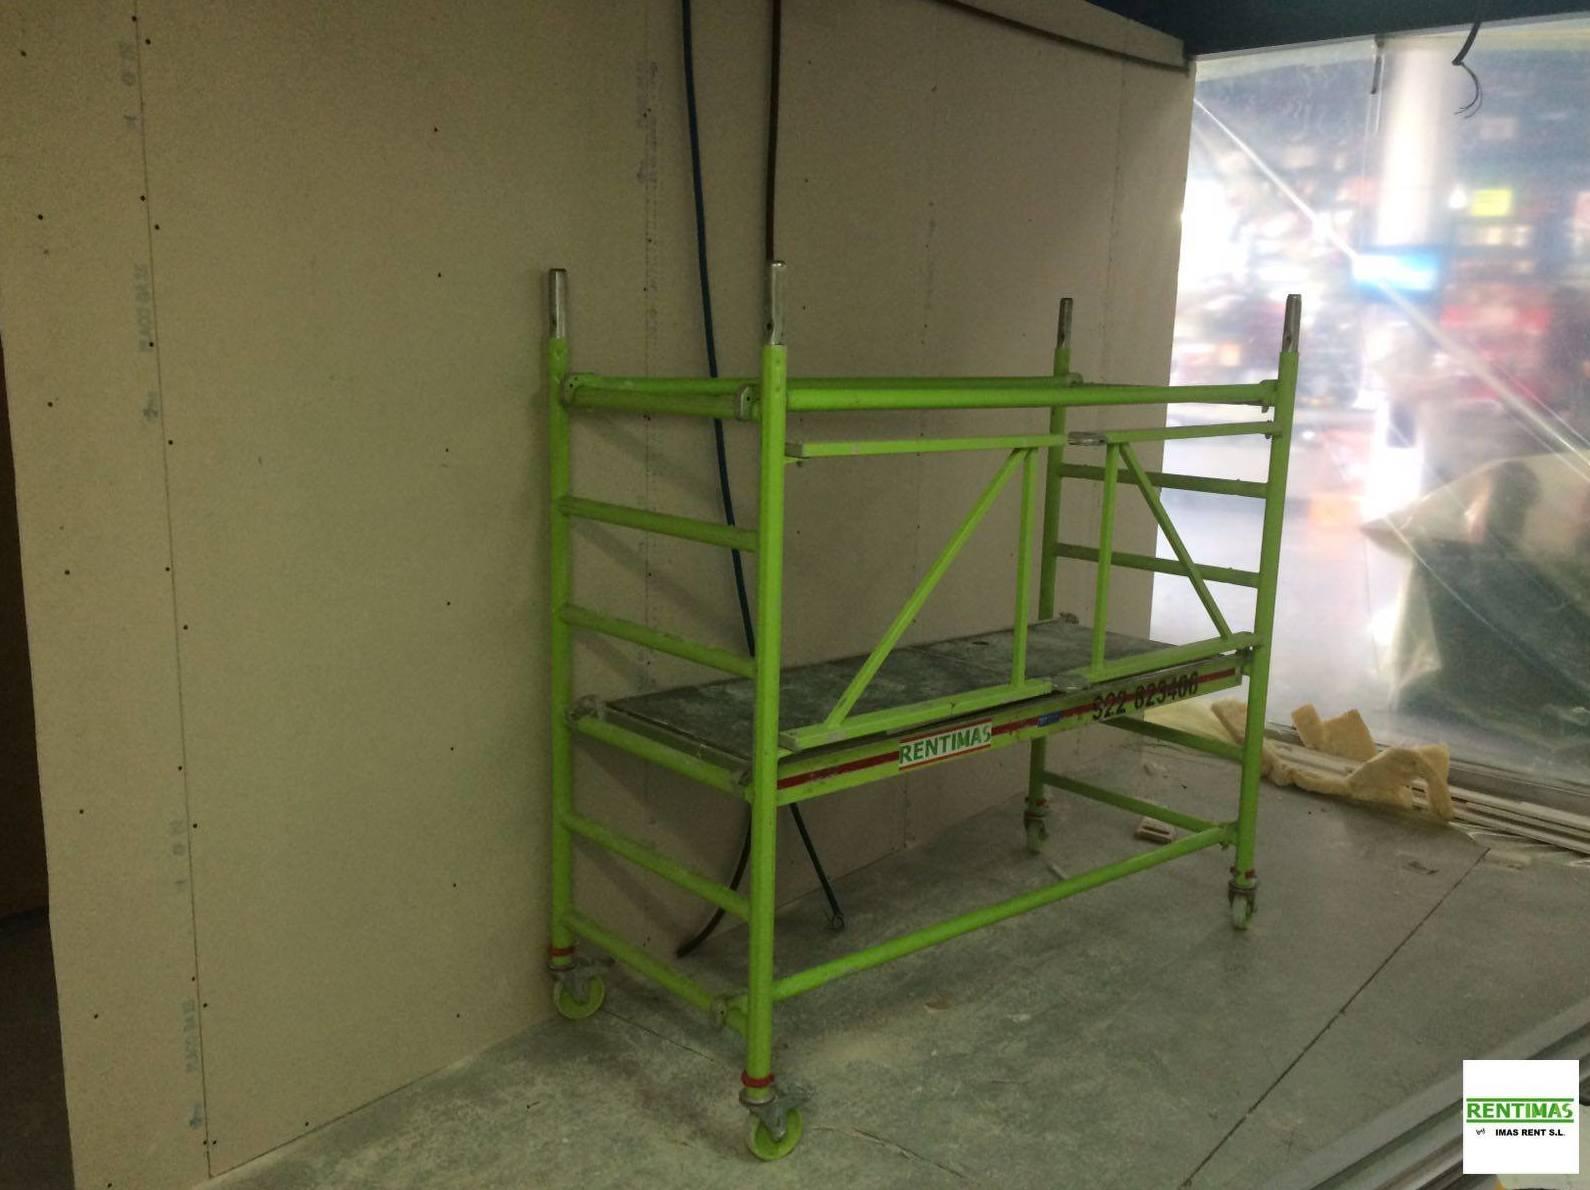 Alquiler de andamios para rehabilitaciones y reparaciones